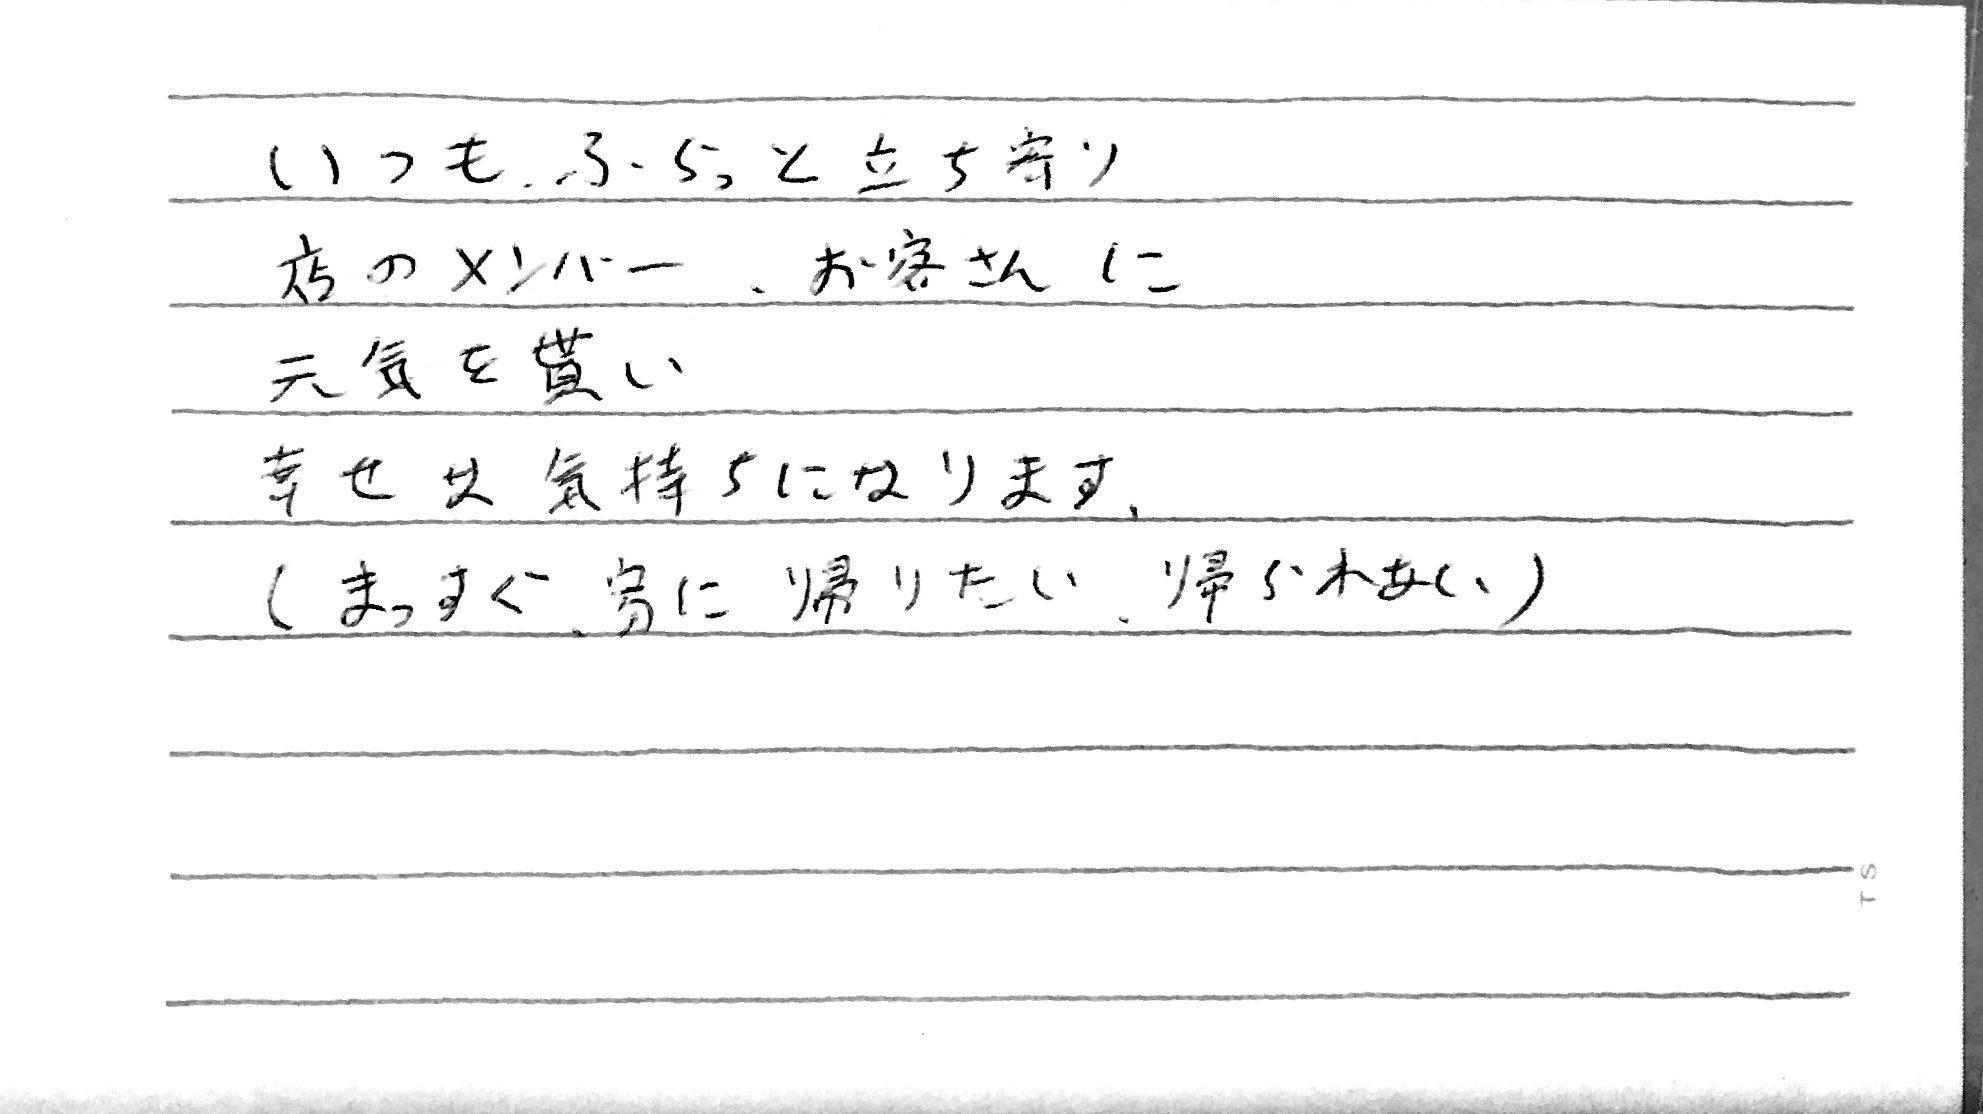 😄😄加藤さん🤓😄